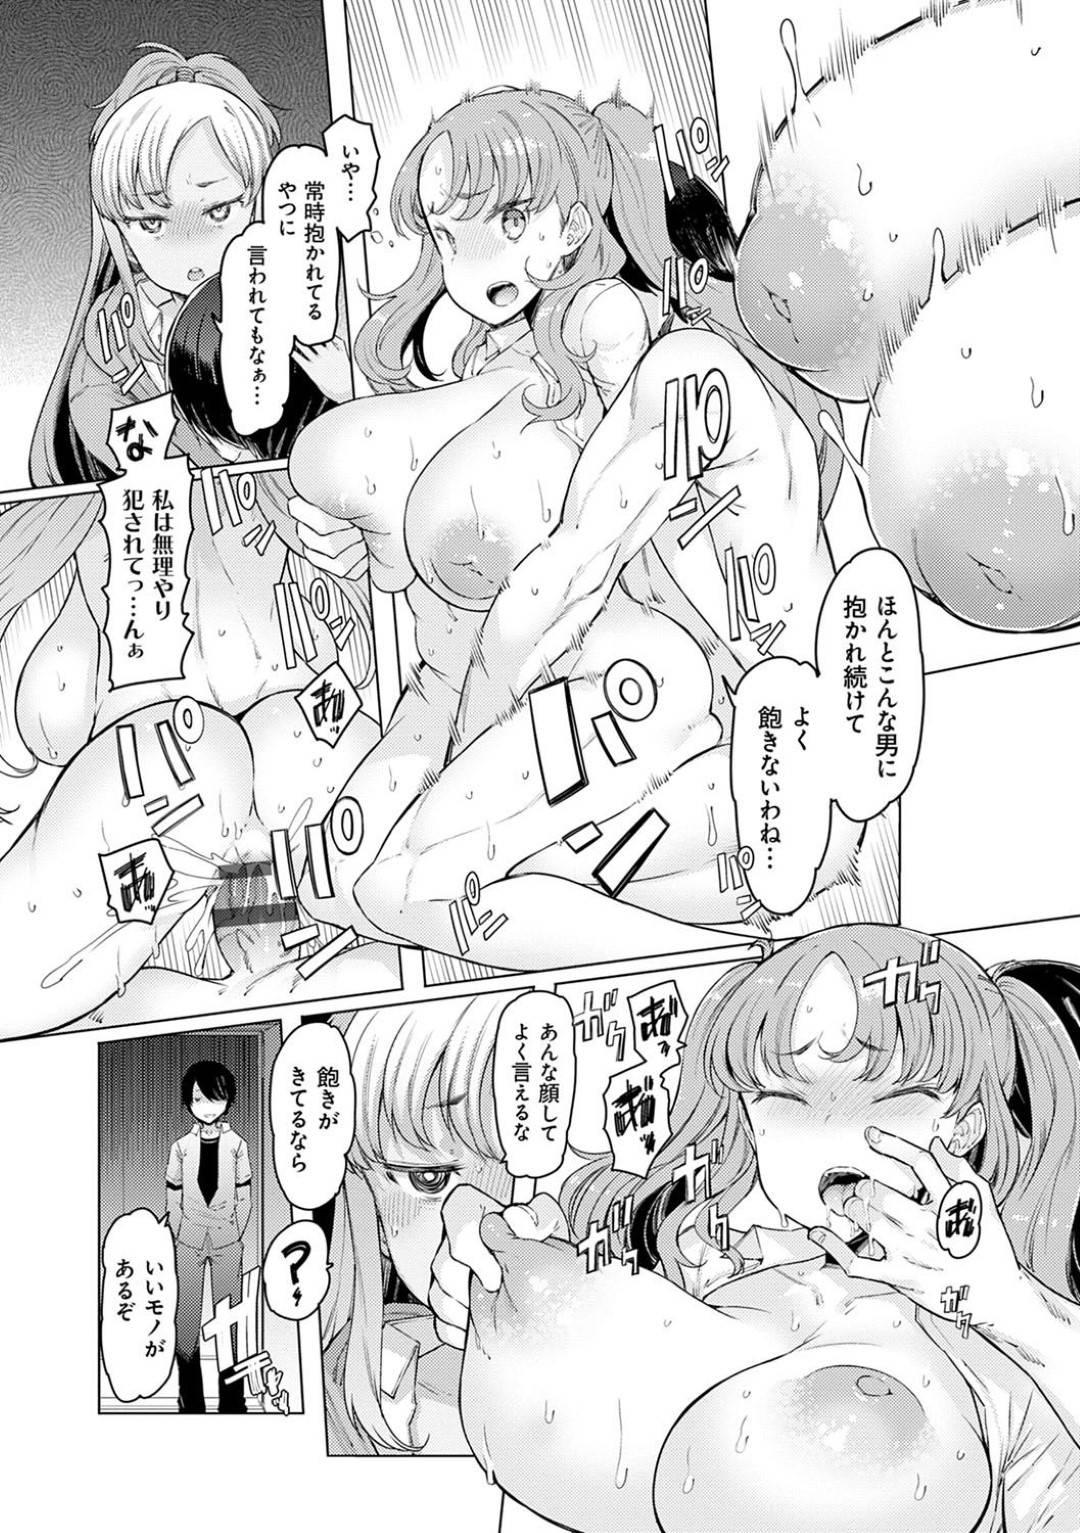 【 凌辱調教エロ漫画】虐げられる日々を過ごす主人公は、妹を襲ったことで「能力捕食」の使い手であることを自覚し姉たちや母を犯しまくり凌辱・調教セックスをしまくり気絶させる【EBA】